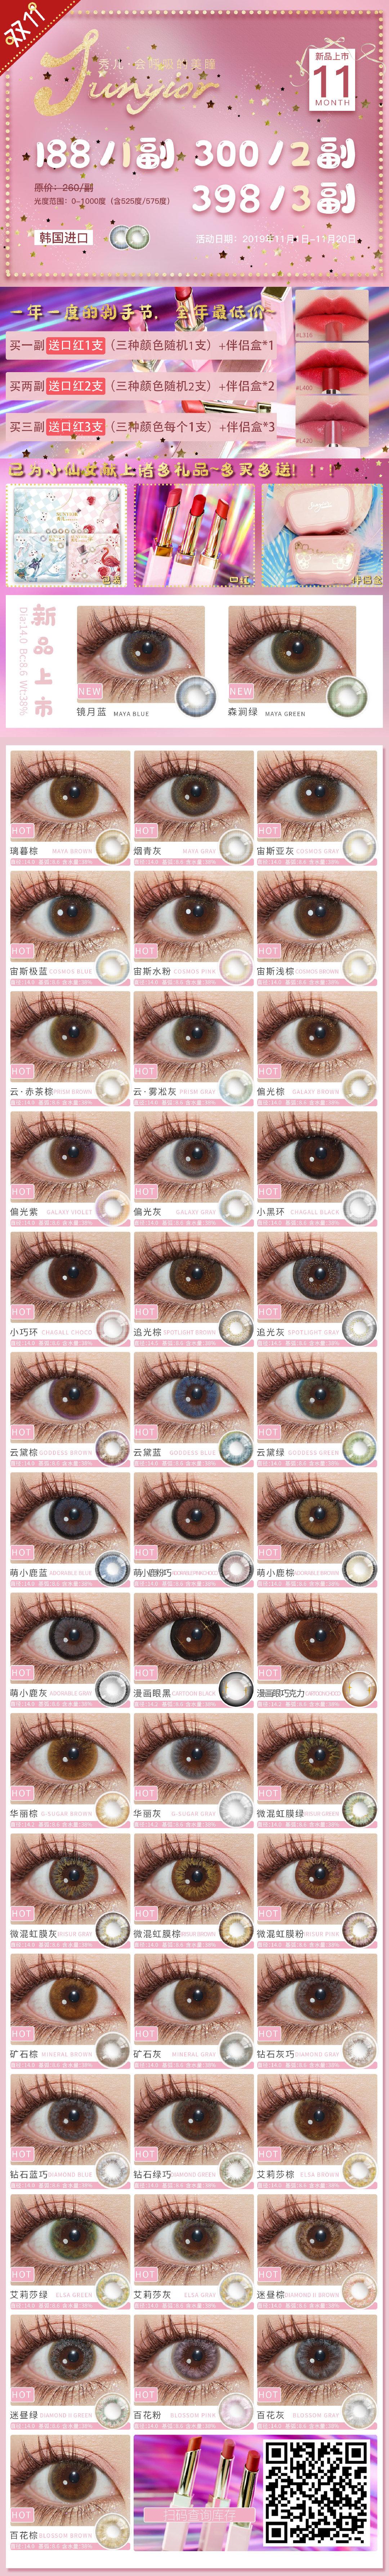 sunyior秀儿美瞳品牌,MAYA系列爆款新增镜月蓝,森涧绿,双十一盛宴,全年最低价